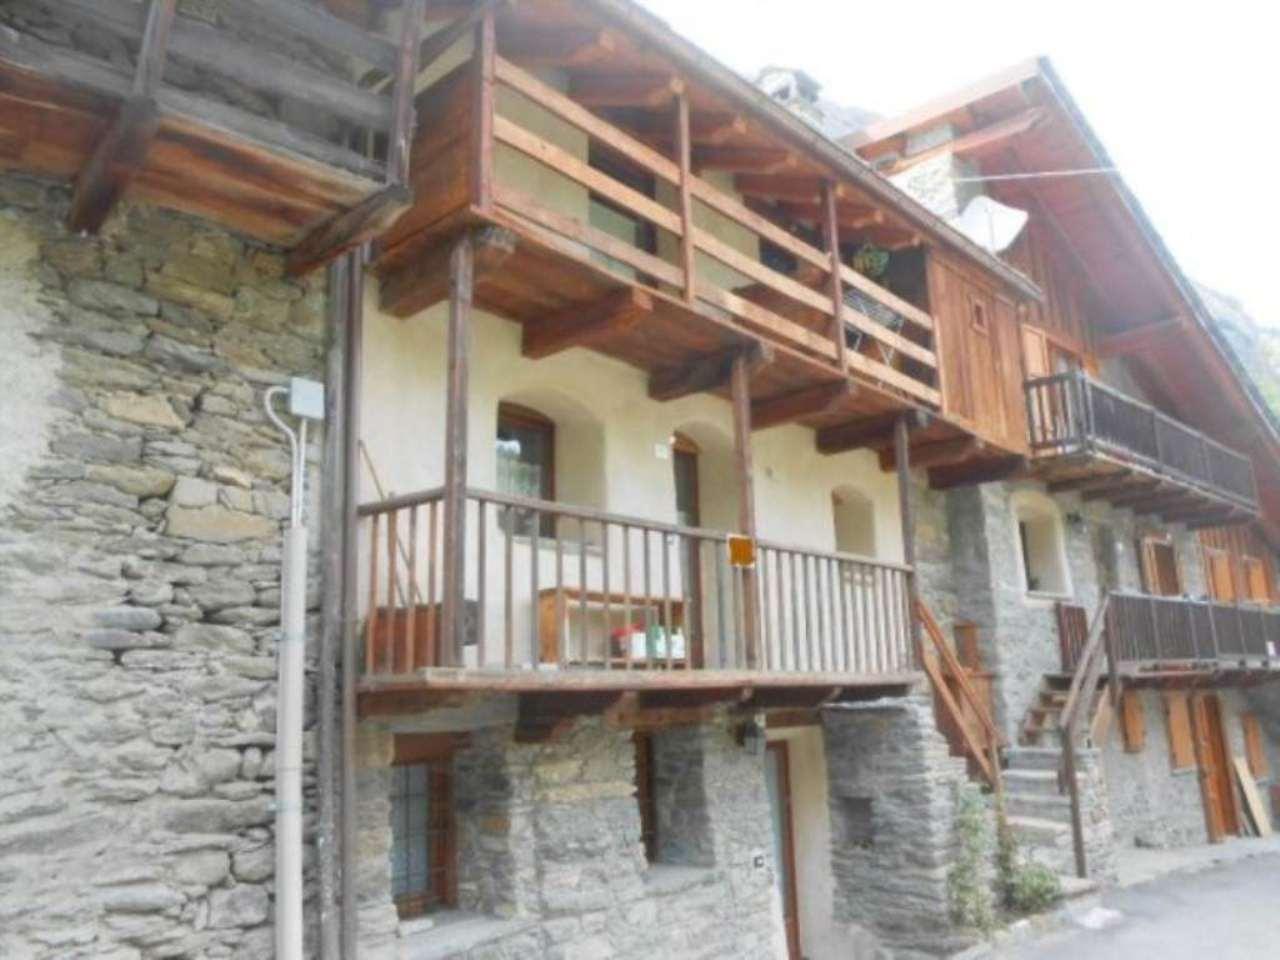 Rustico / Casale in vendita a Rhemes-Saint-Georges, 2 locali, prezzo € 140.000 | CambioCasa.it